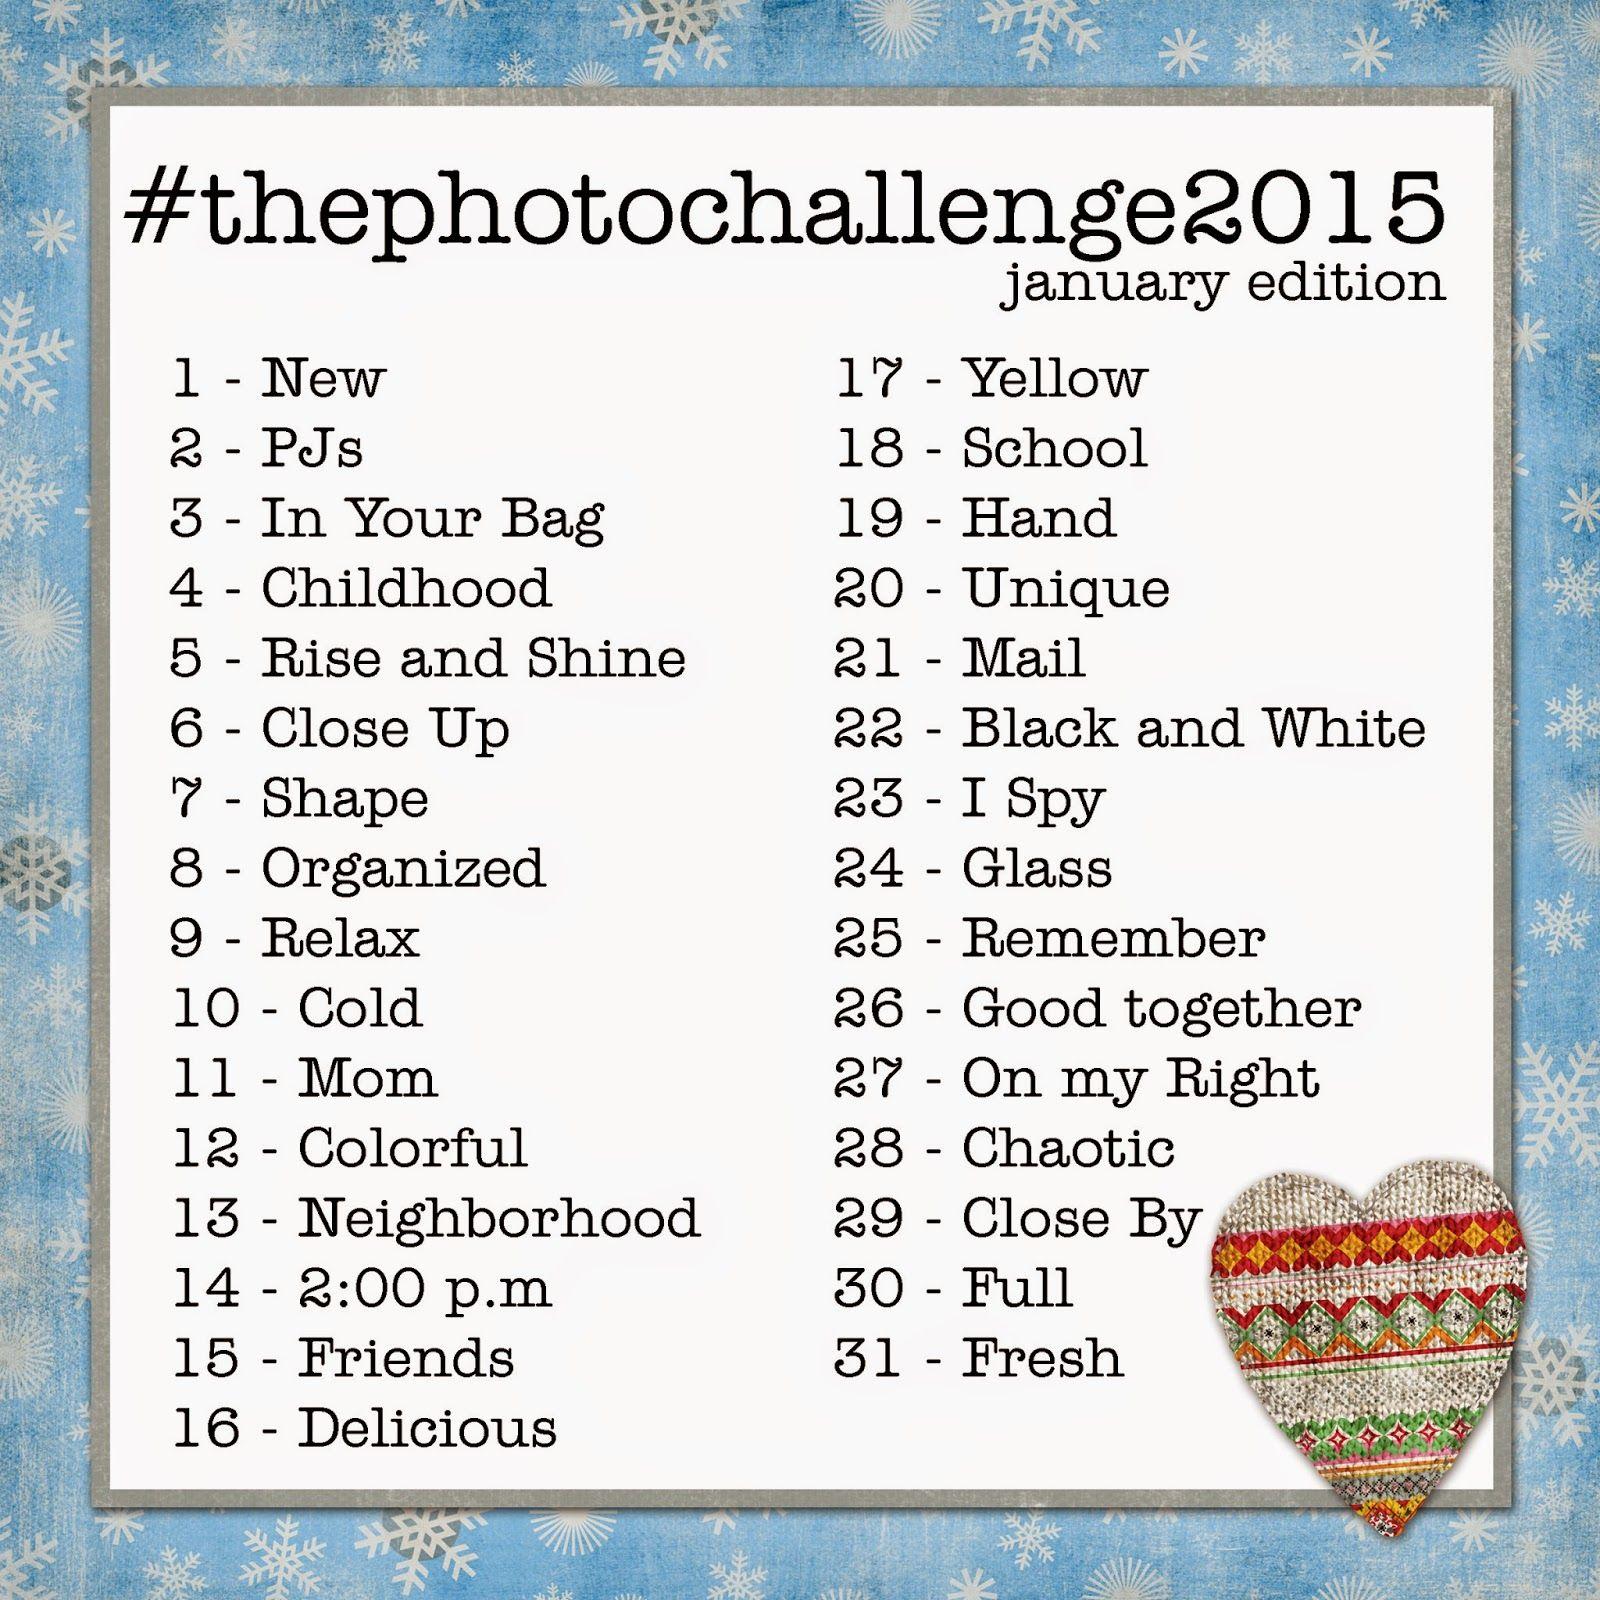 #thephotochallenge2015